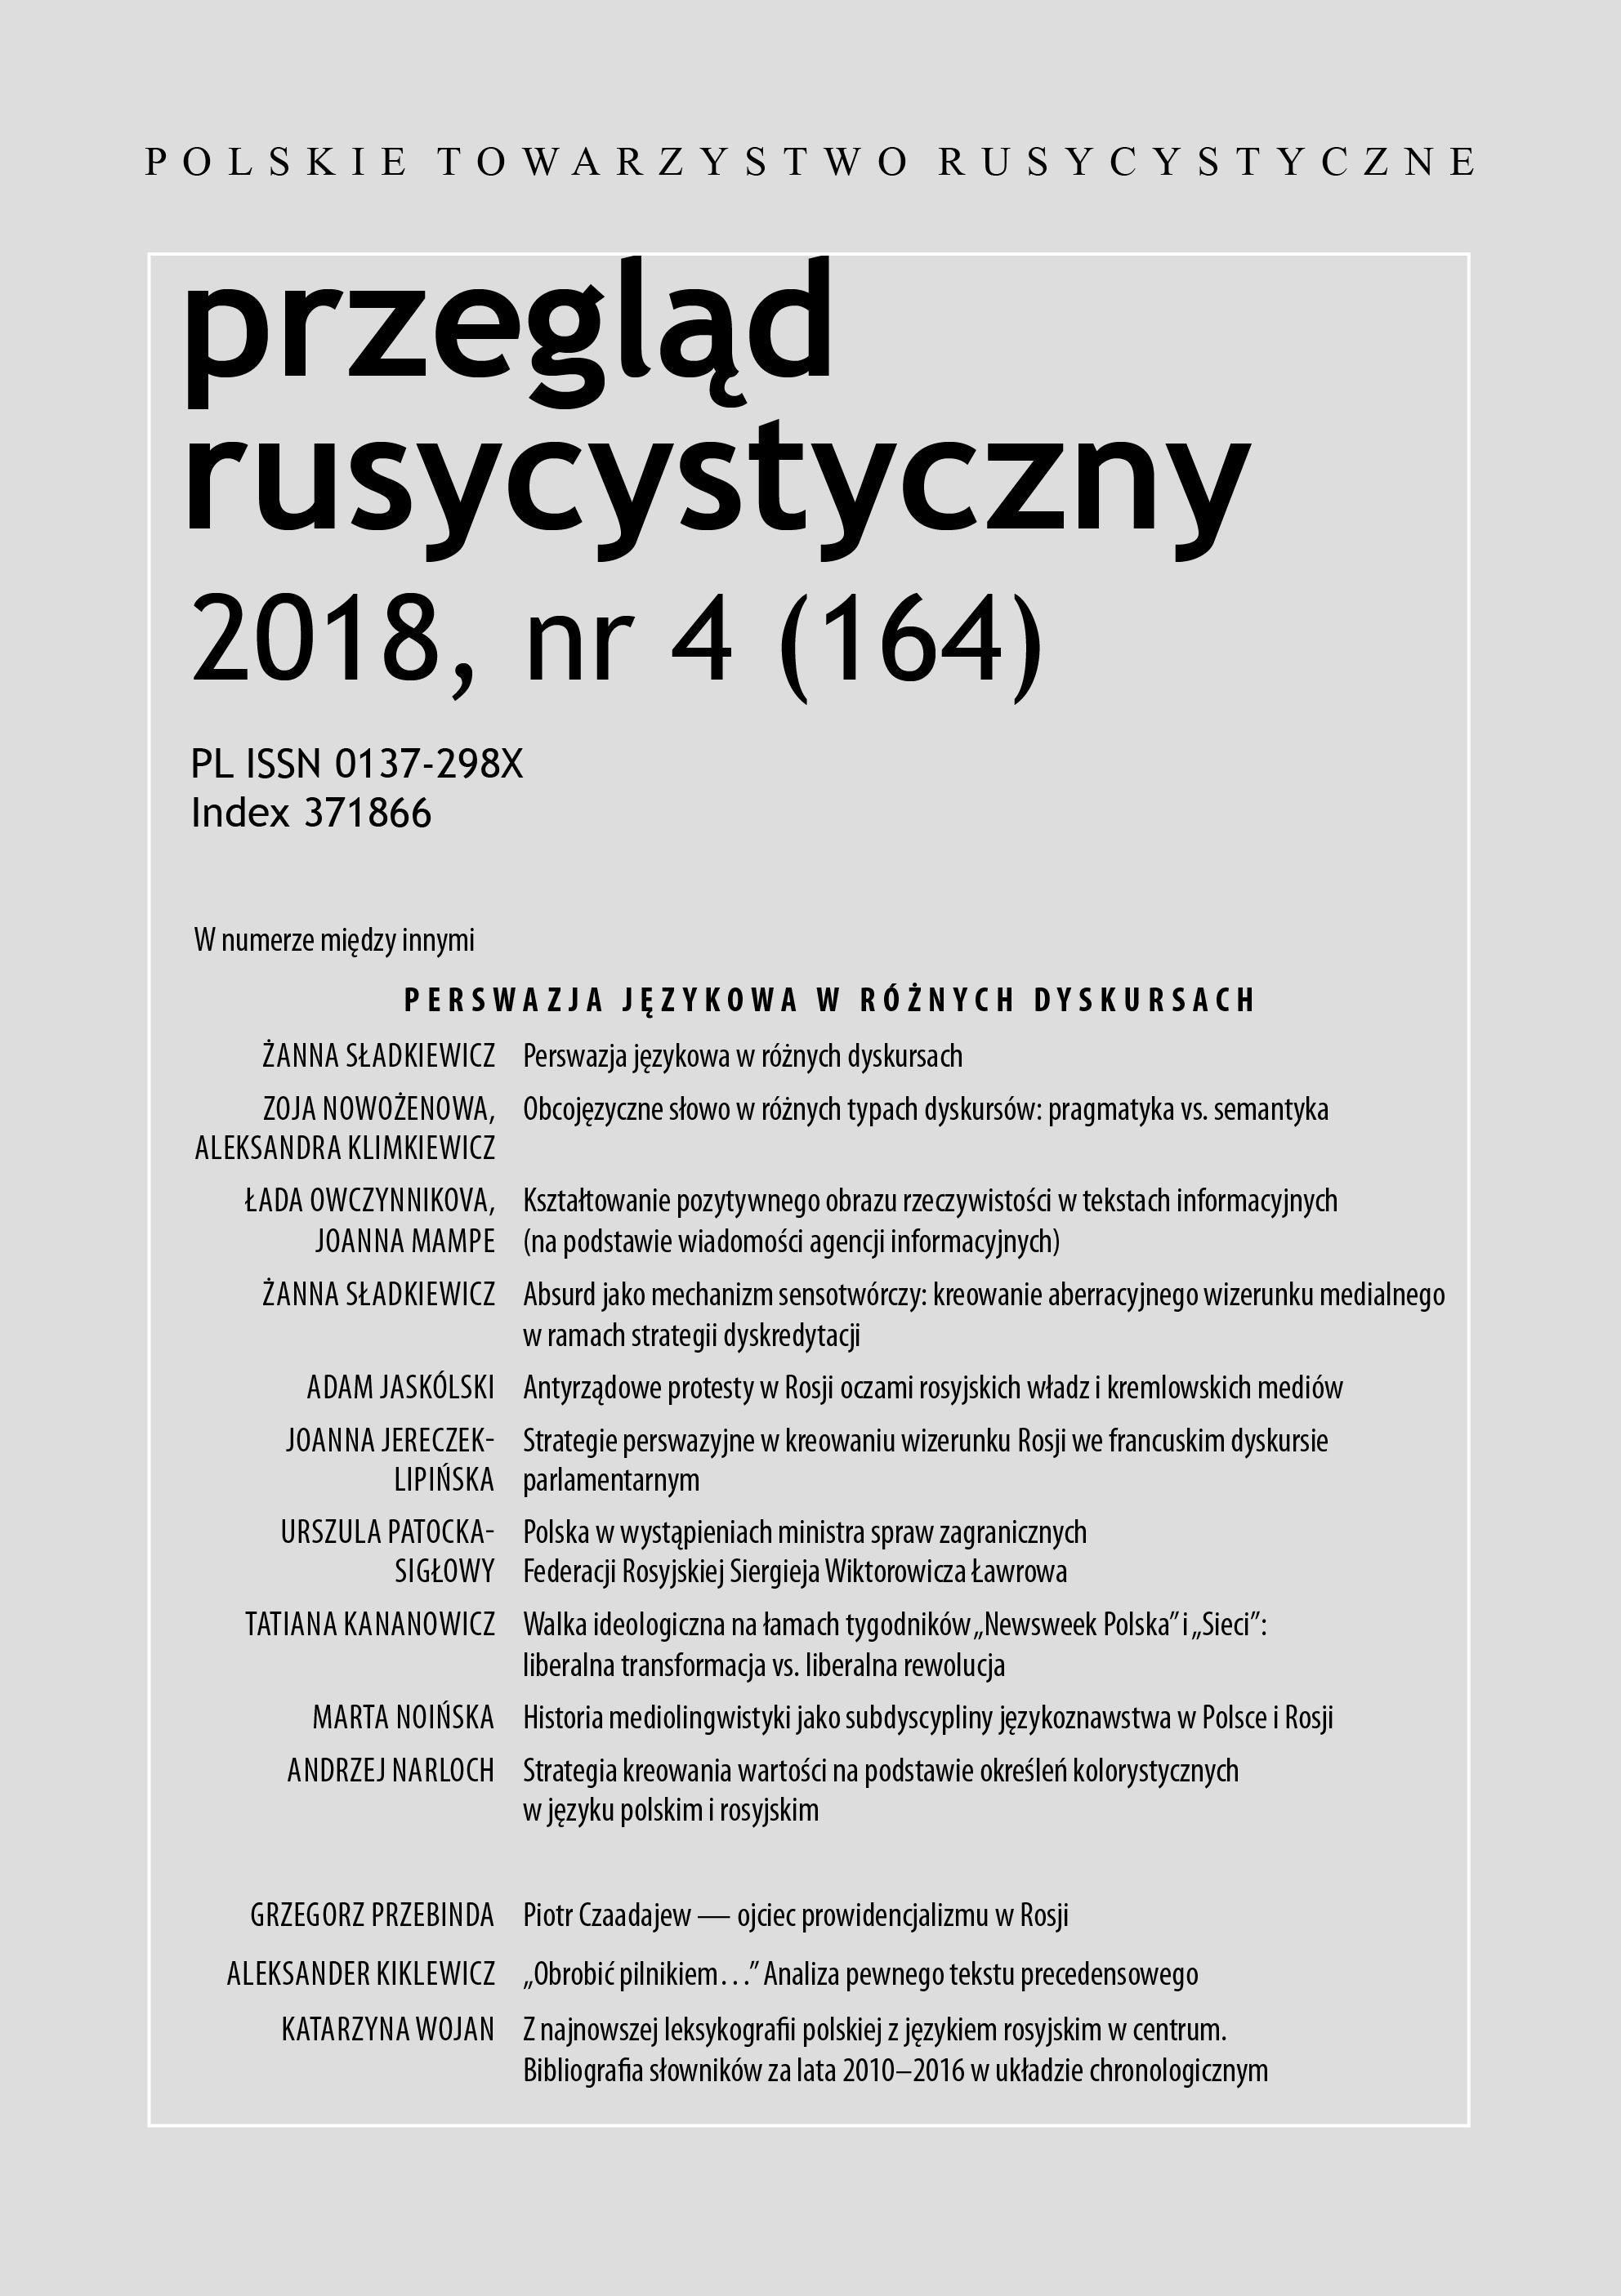 Okładka PR 2018 nr 4